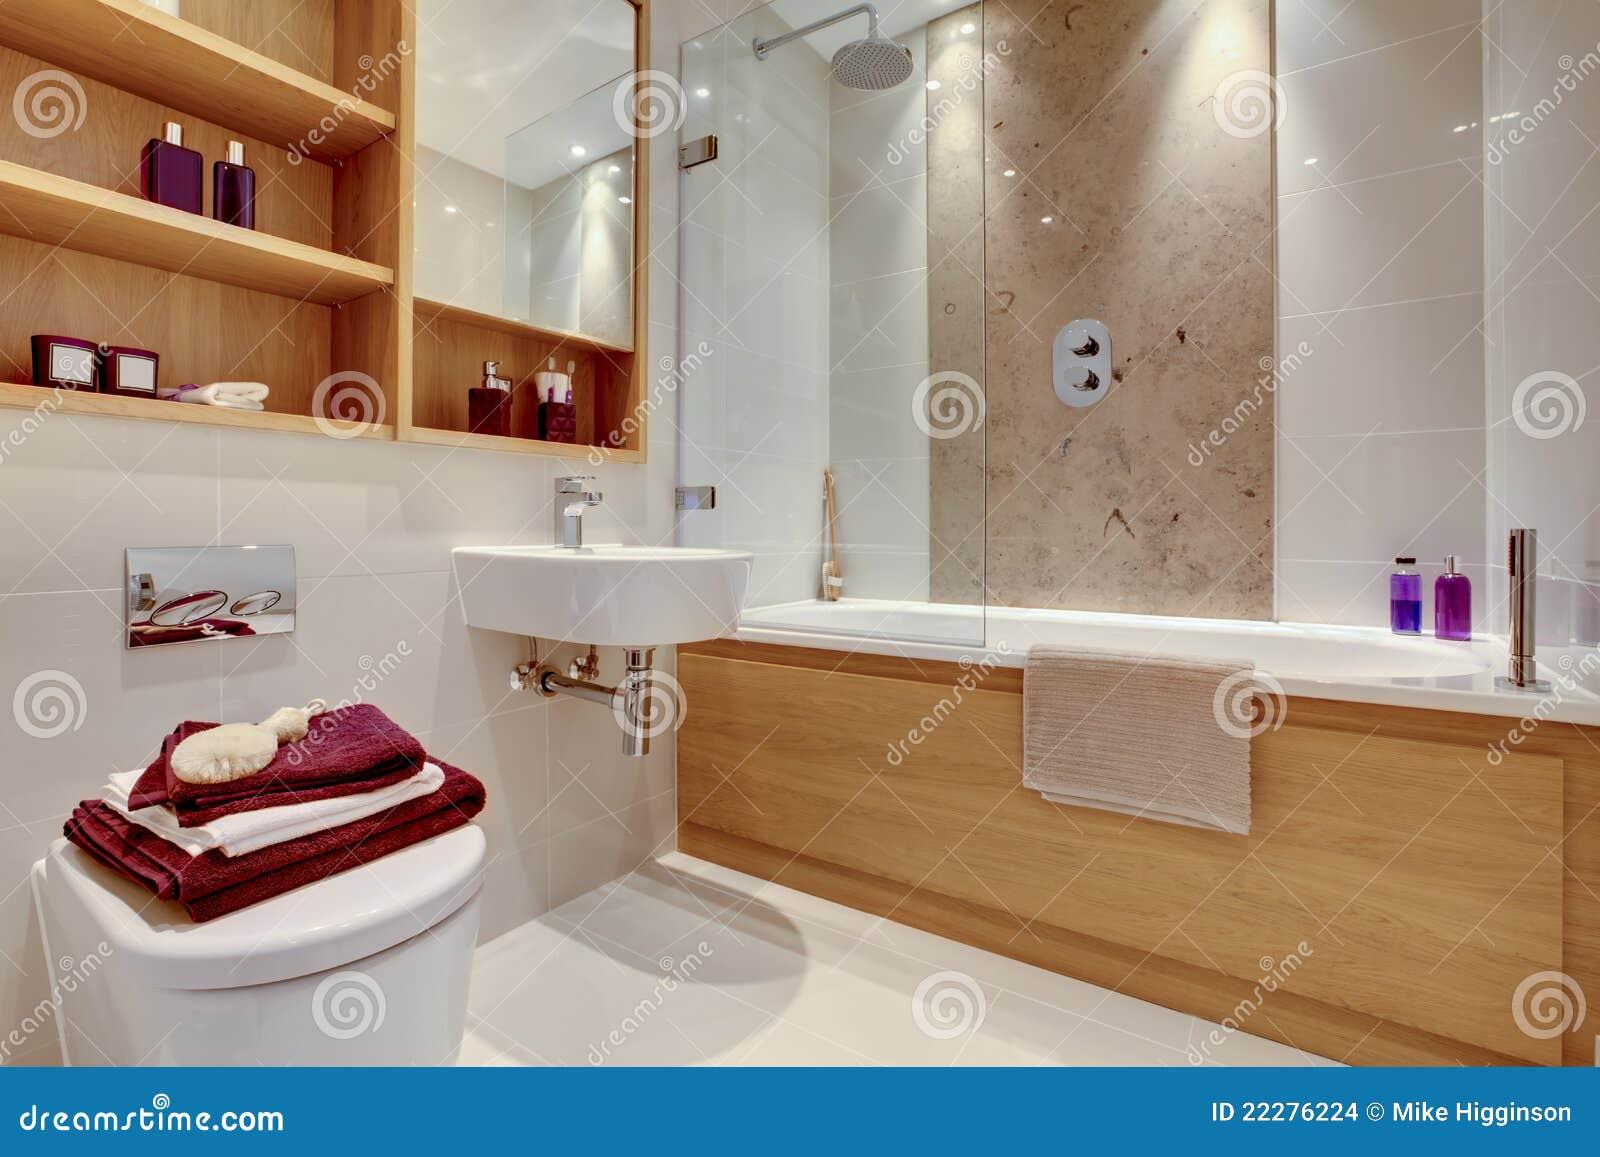 Luxe moderne badkamers stock afbeeldingen afbeelding 22276224 - Moderne luxe badkamer ...